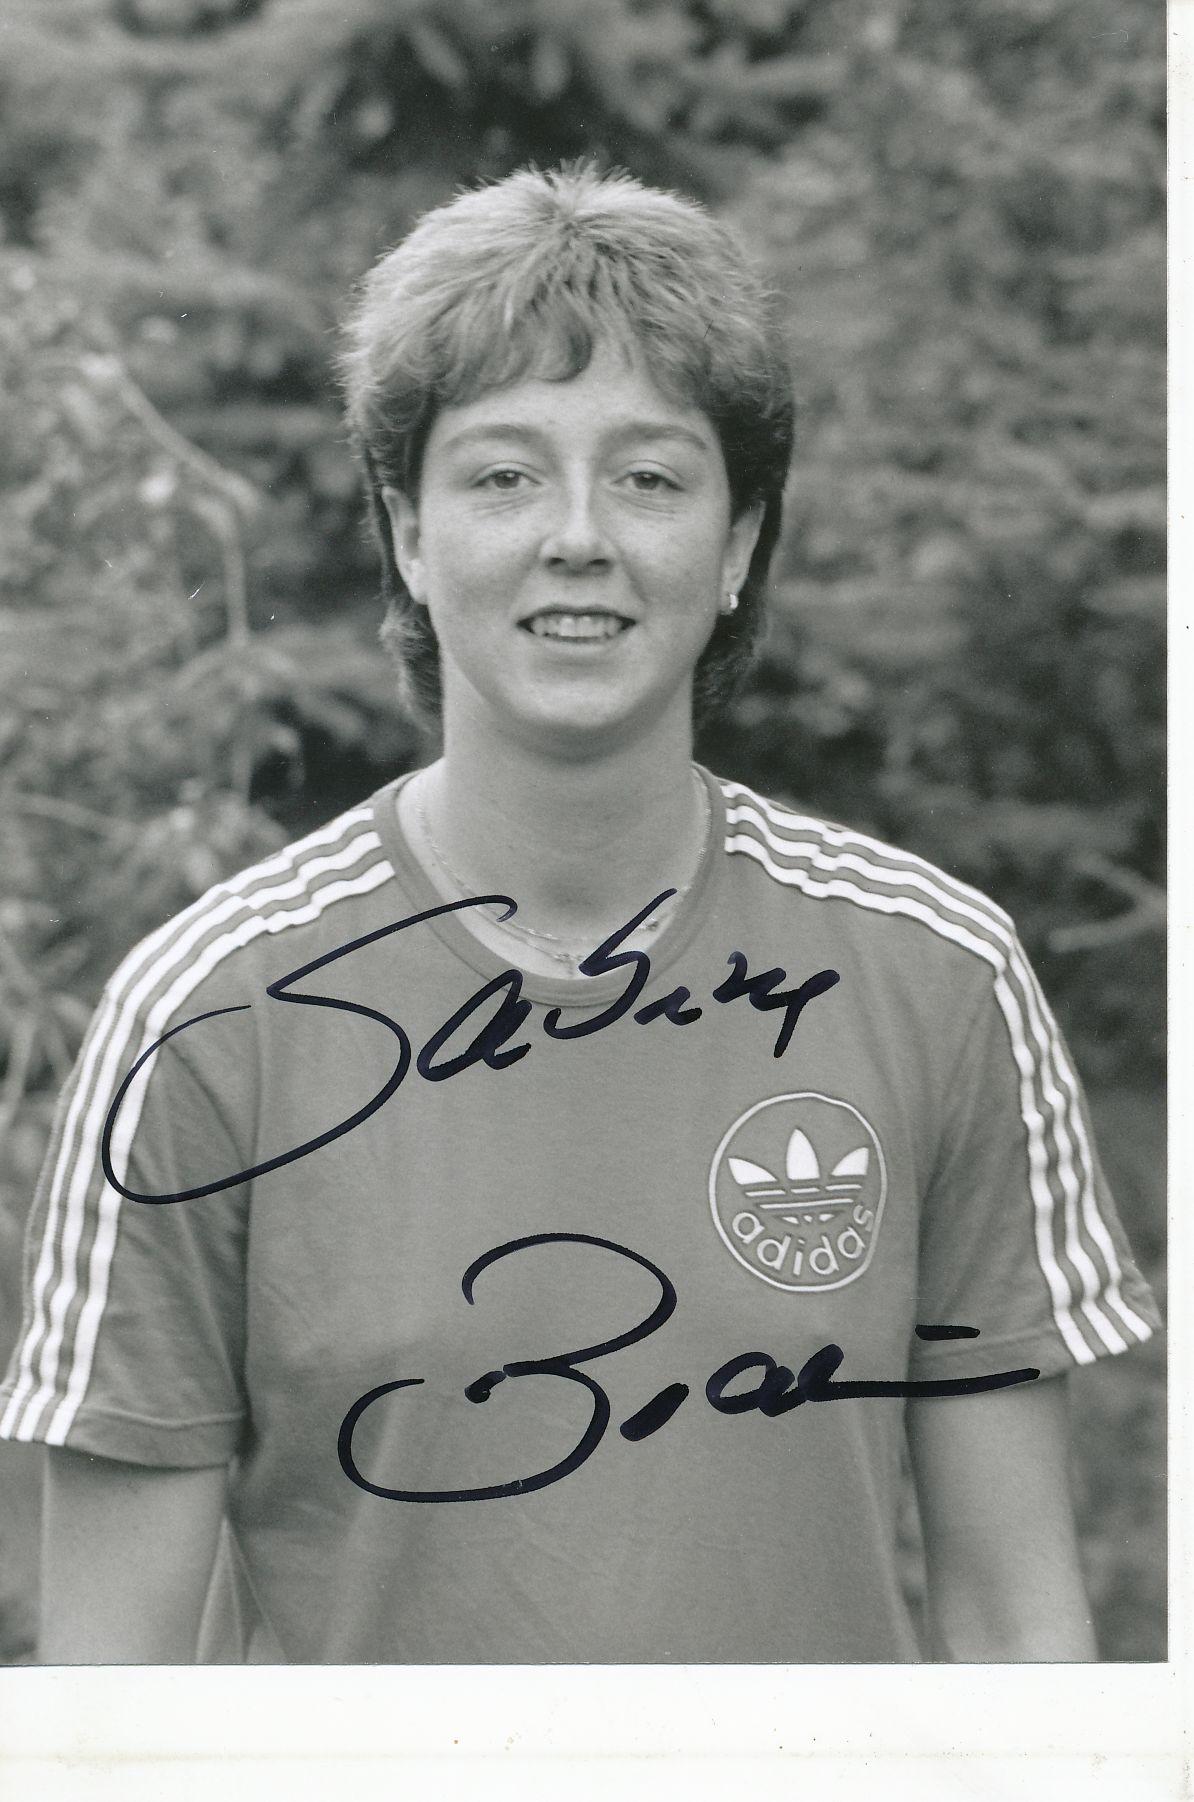 Kelocks Autogramme Sabine Braun Leichtathletik Foto Original Signiert Online Kaufen